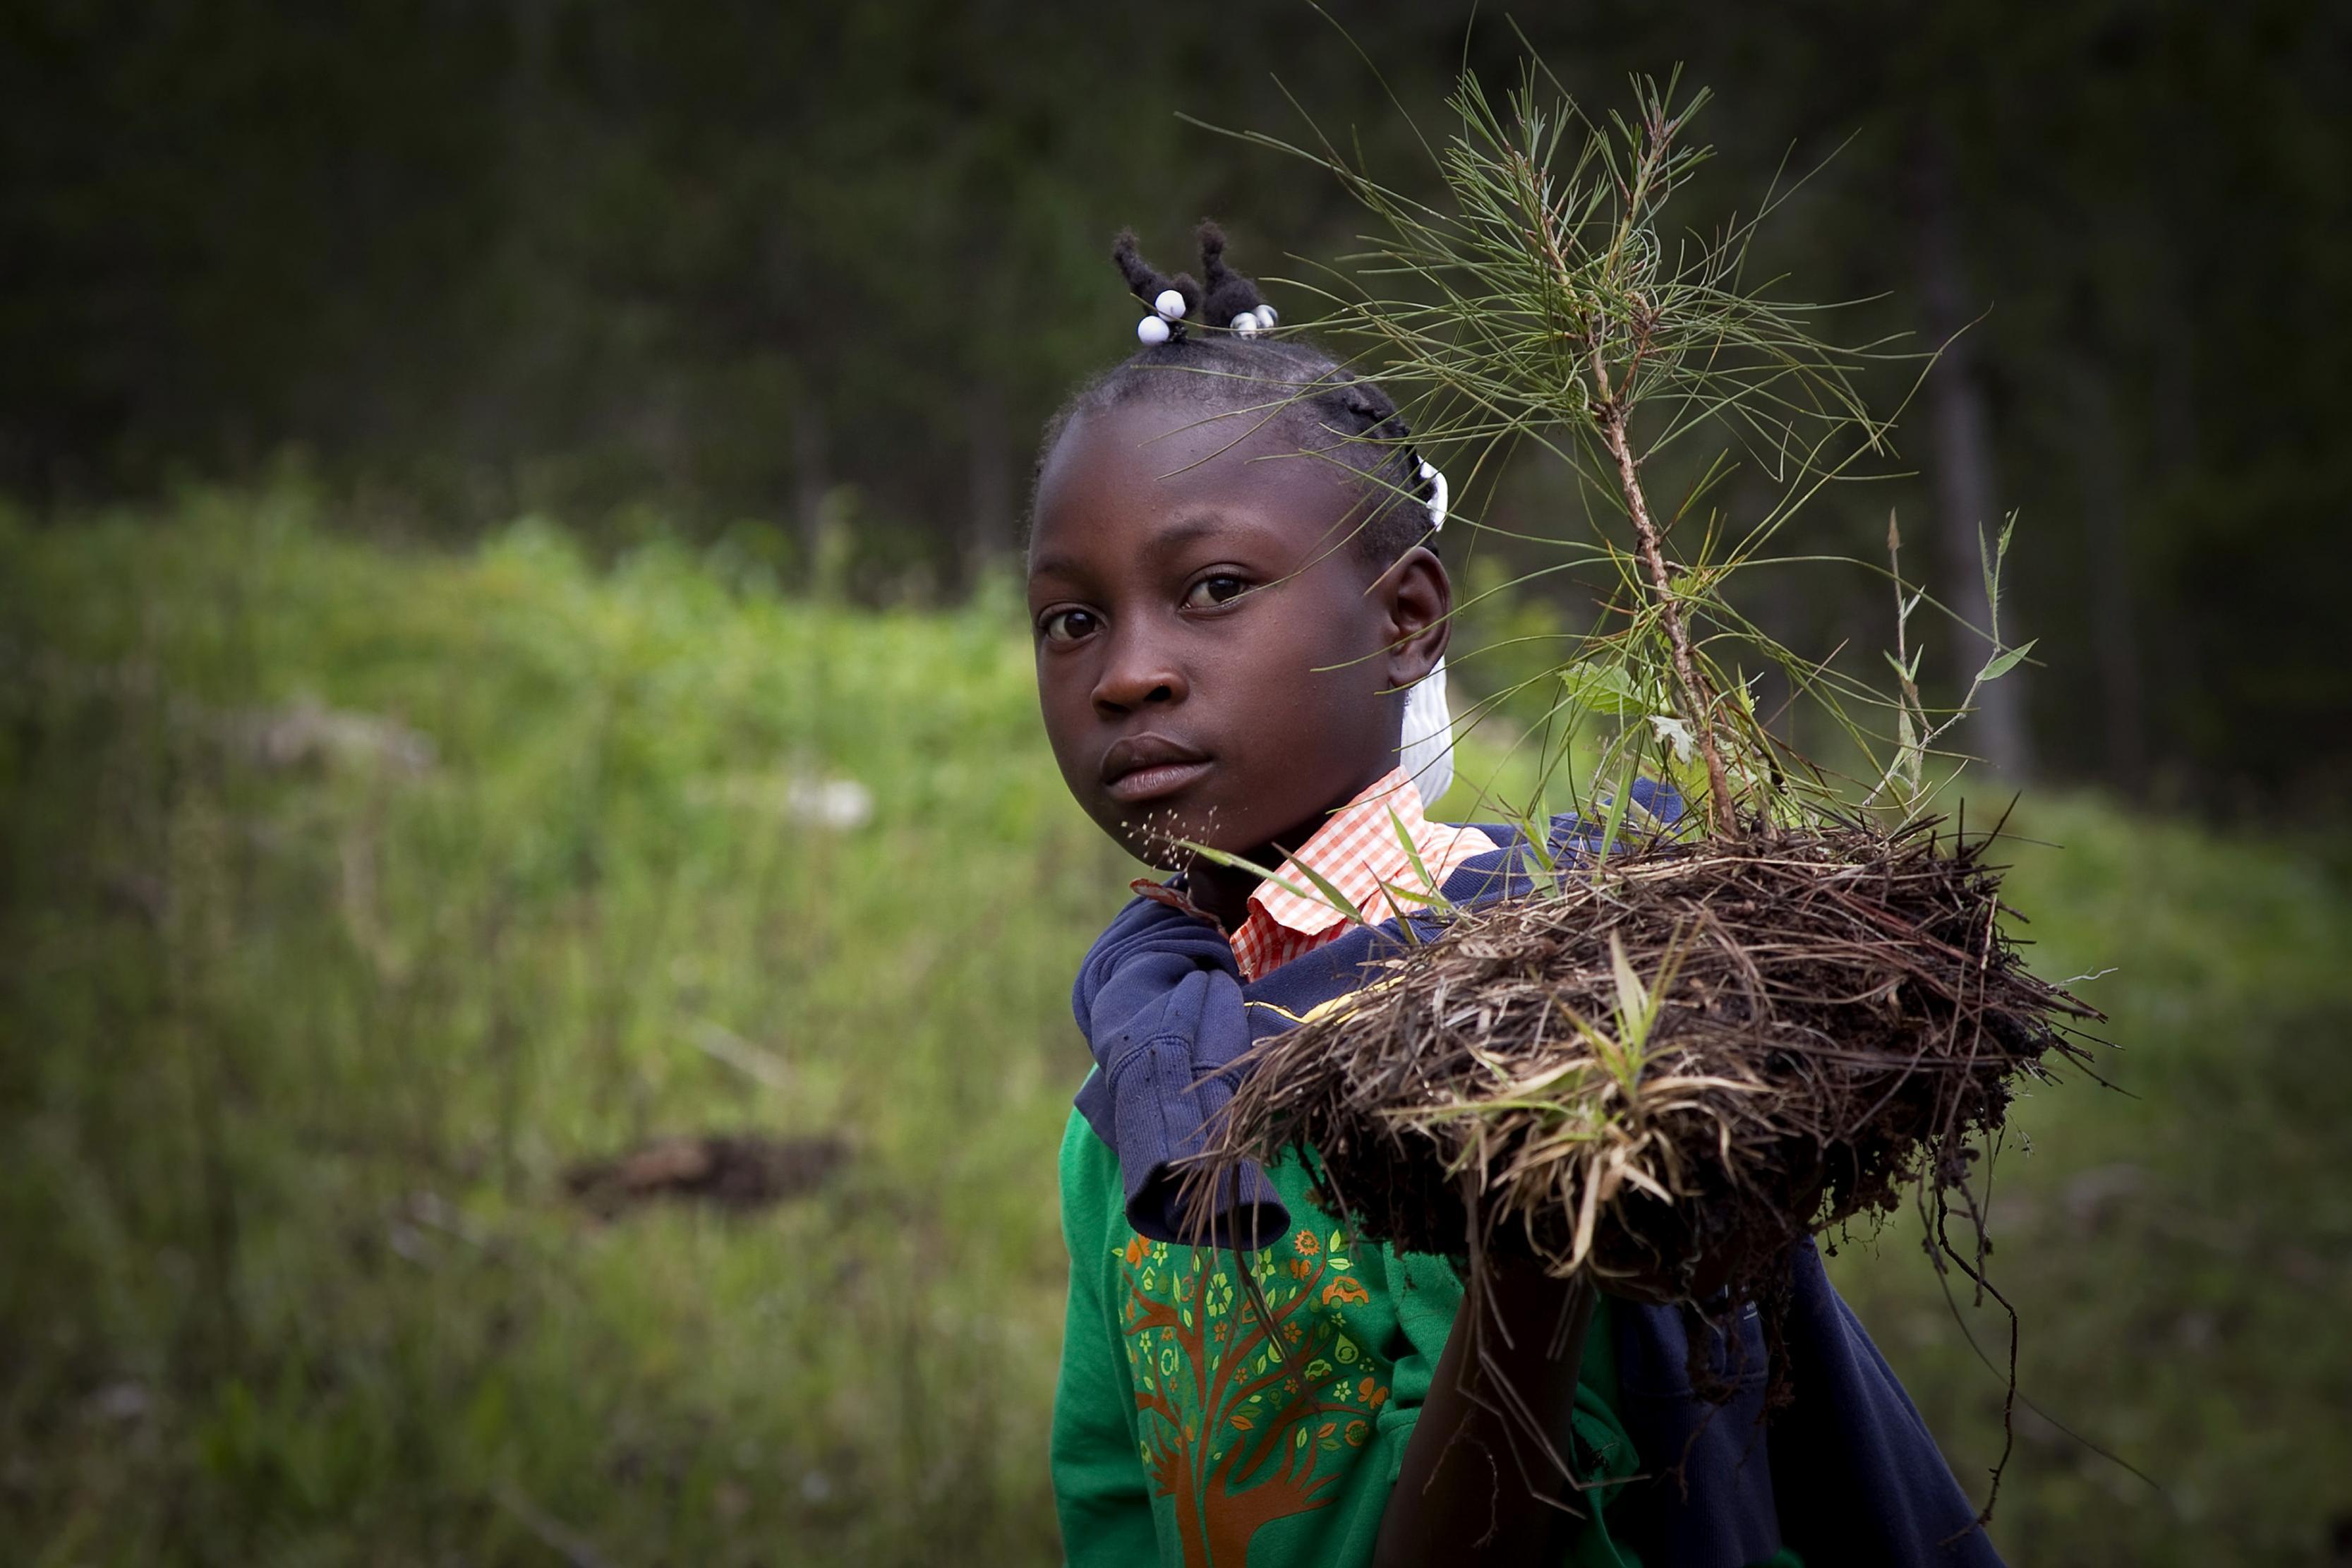 بالصور اجمل نساء افريقيا , صور لجمال النساء فى افريقيا 6299 7